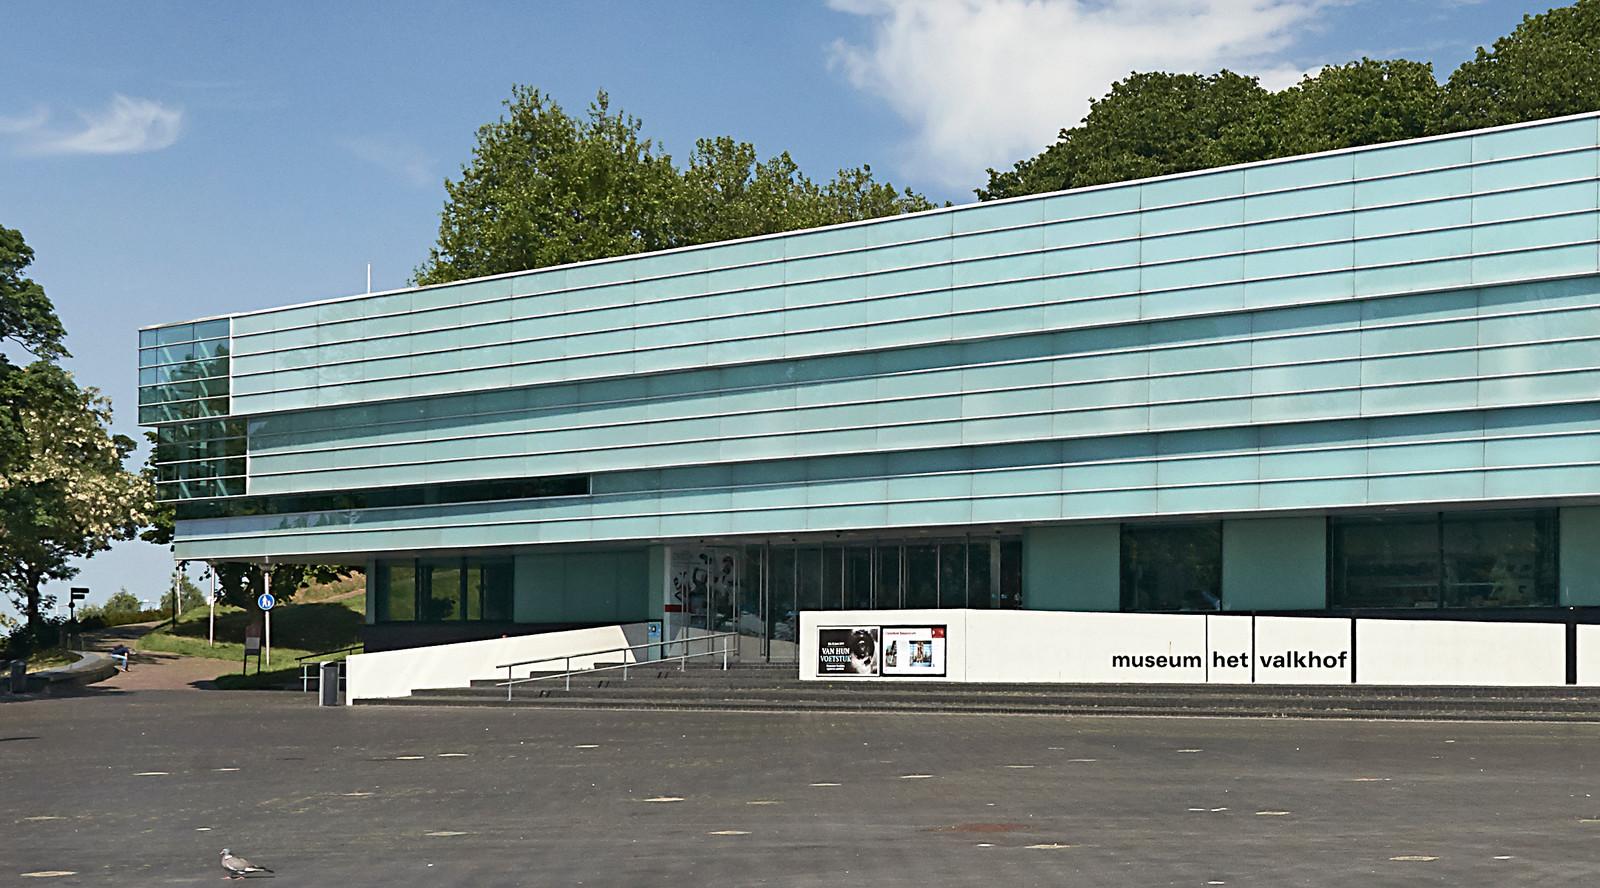 Museum Het Valkhof moet verbouwd worden. Een van de wensen is een transparante voorkant zodat het publiek van buiten ziet wat er te beleven is.